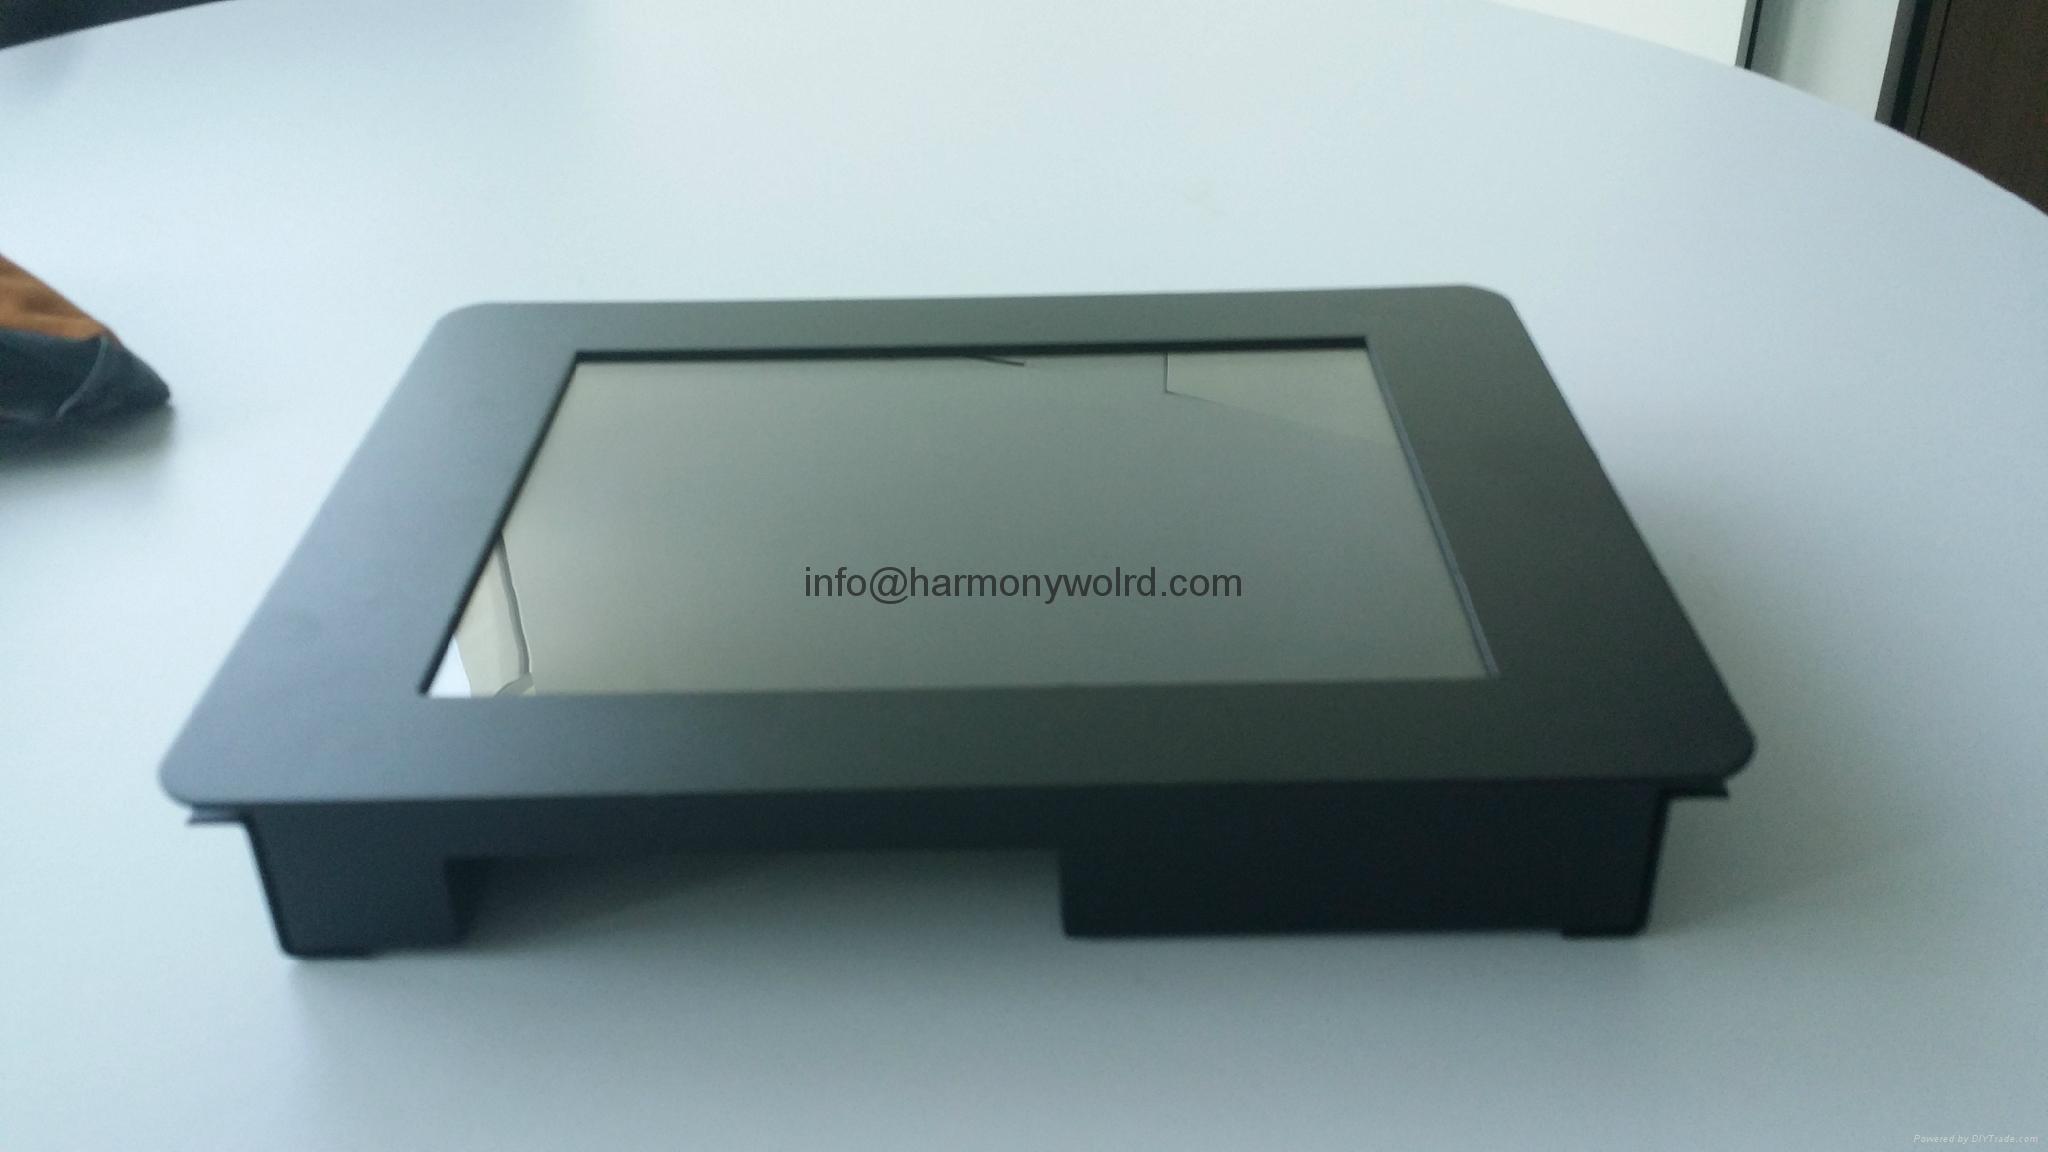 Upgrade 8520-CRTC 8520-CRTC1 8520-CCRT 8520-CRTM 8520-VCRT 8520-VOP CRT To LCDs 4